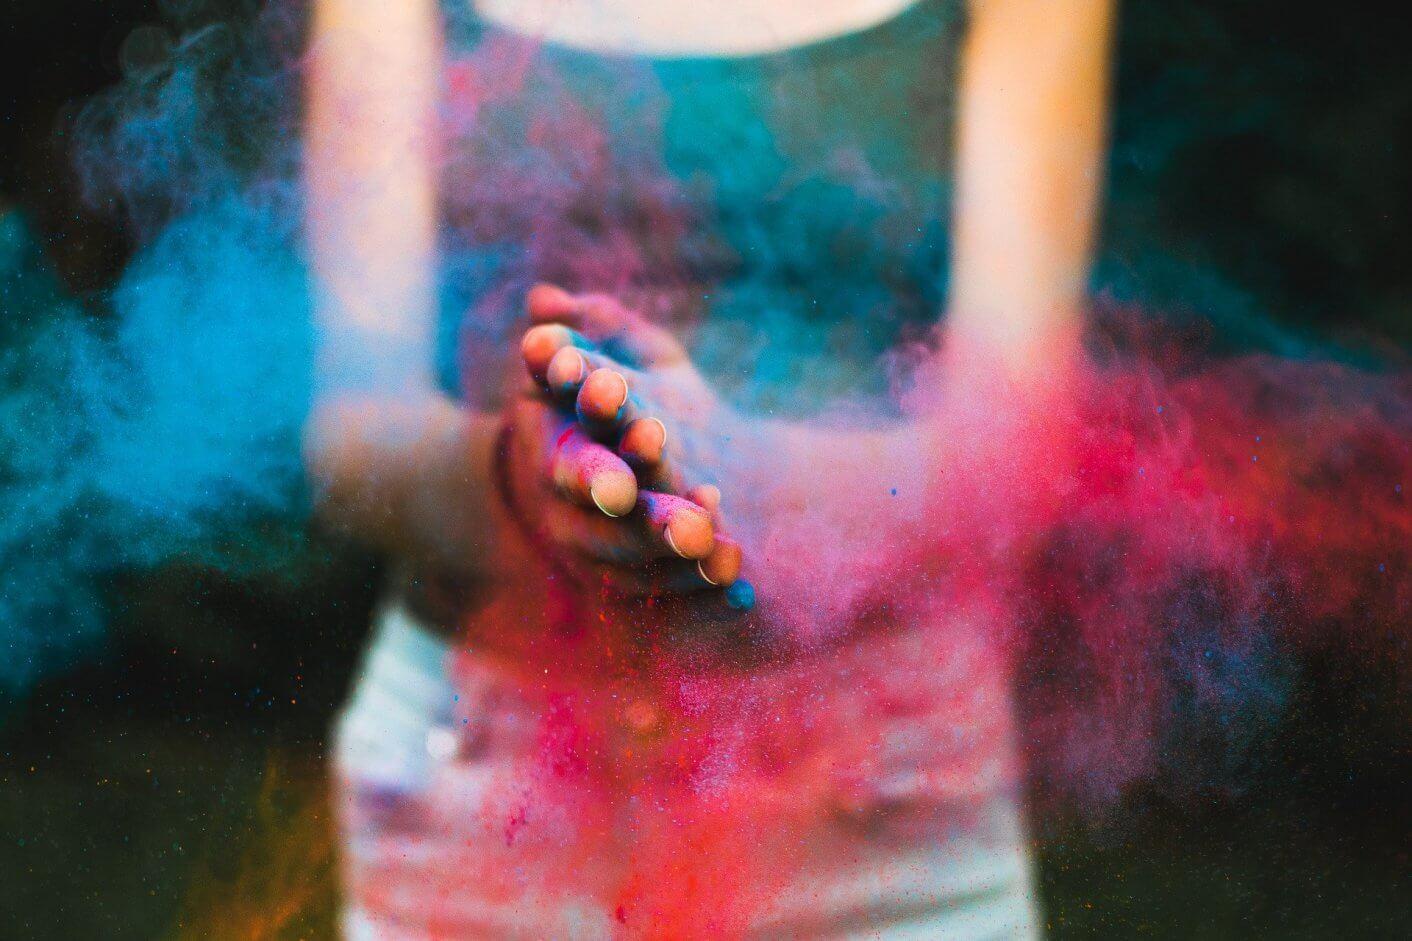 menina batendo as mãos com pó clorido azul e rosa.